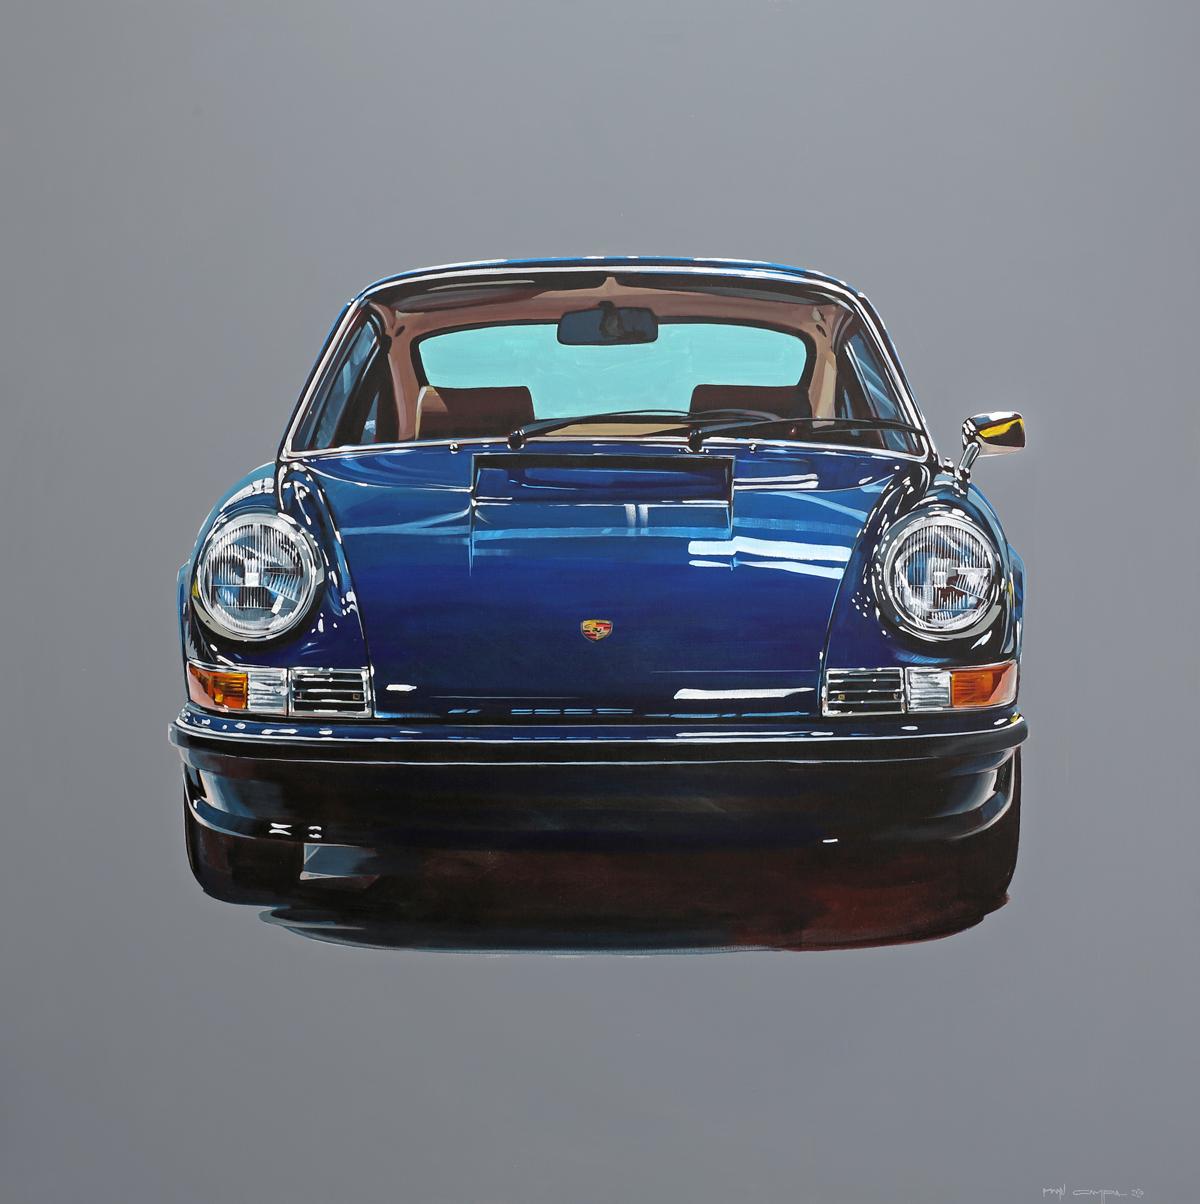 retro blue porsche 911 front graphic art panting